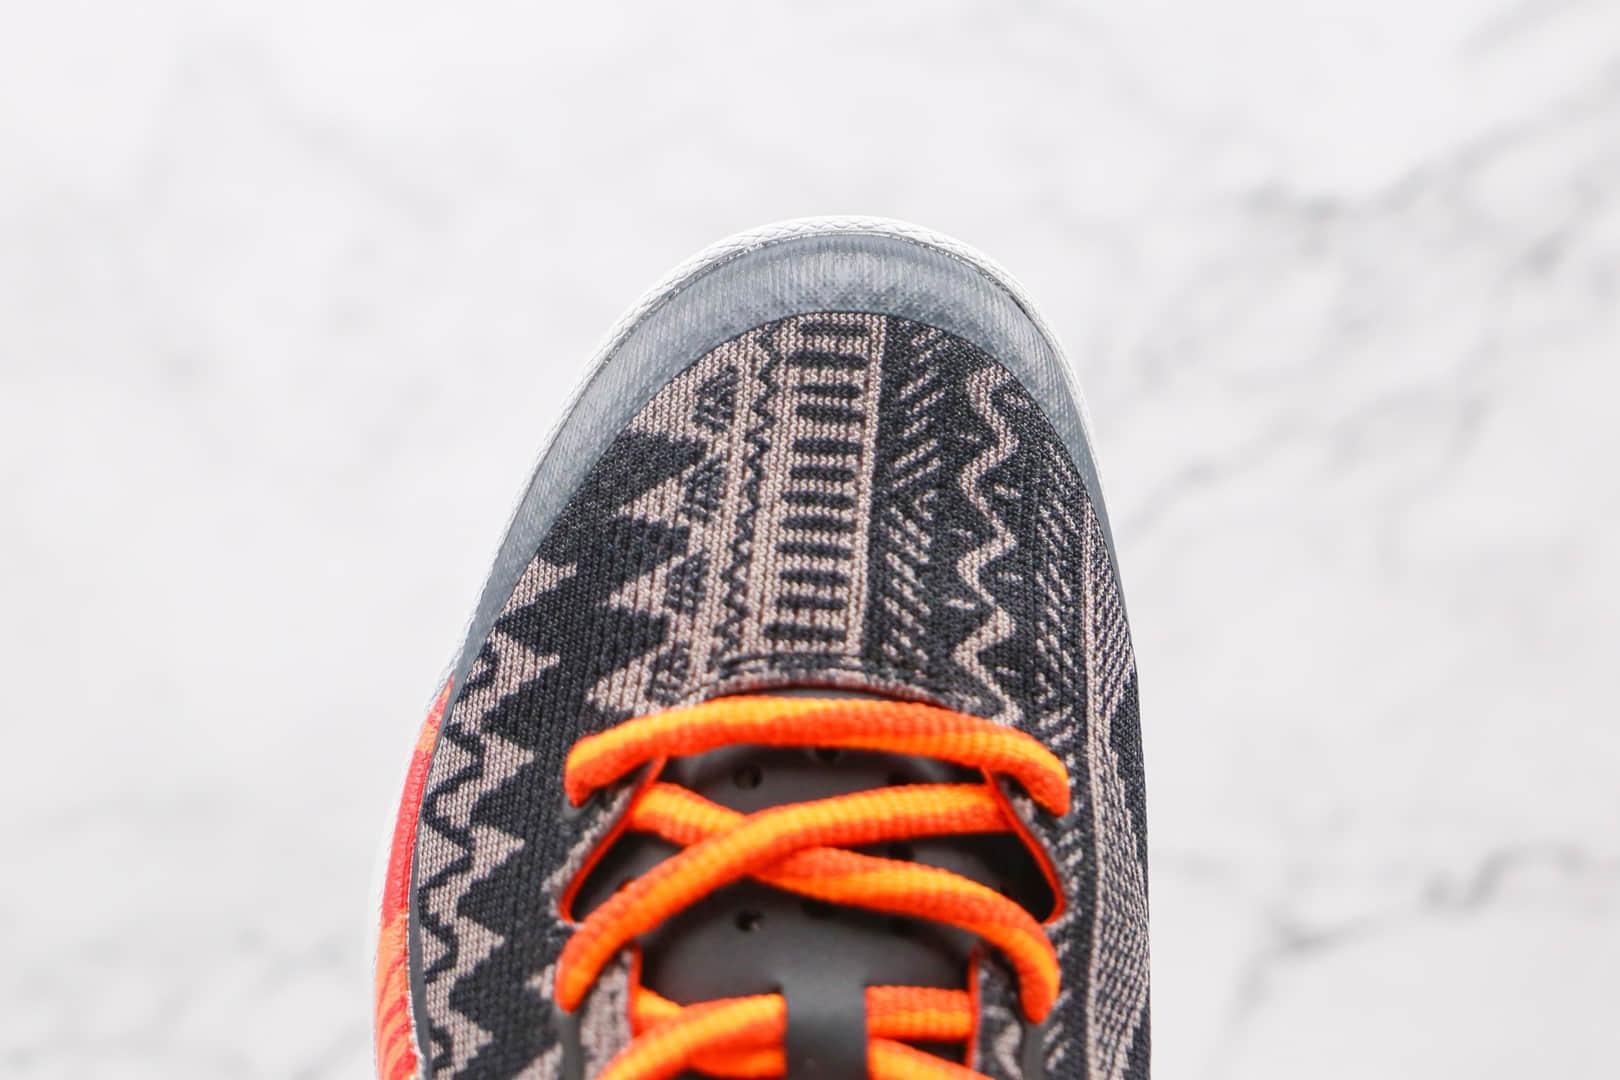 耐克Nike Kobe 8 System纯原版本科比8代黑人月篮球鞋内置碳板气垫支持实战 货号:583112-001